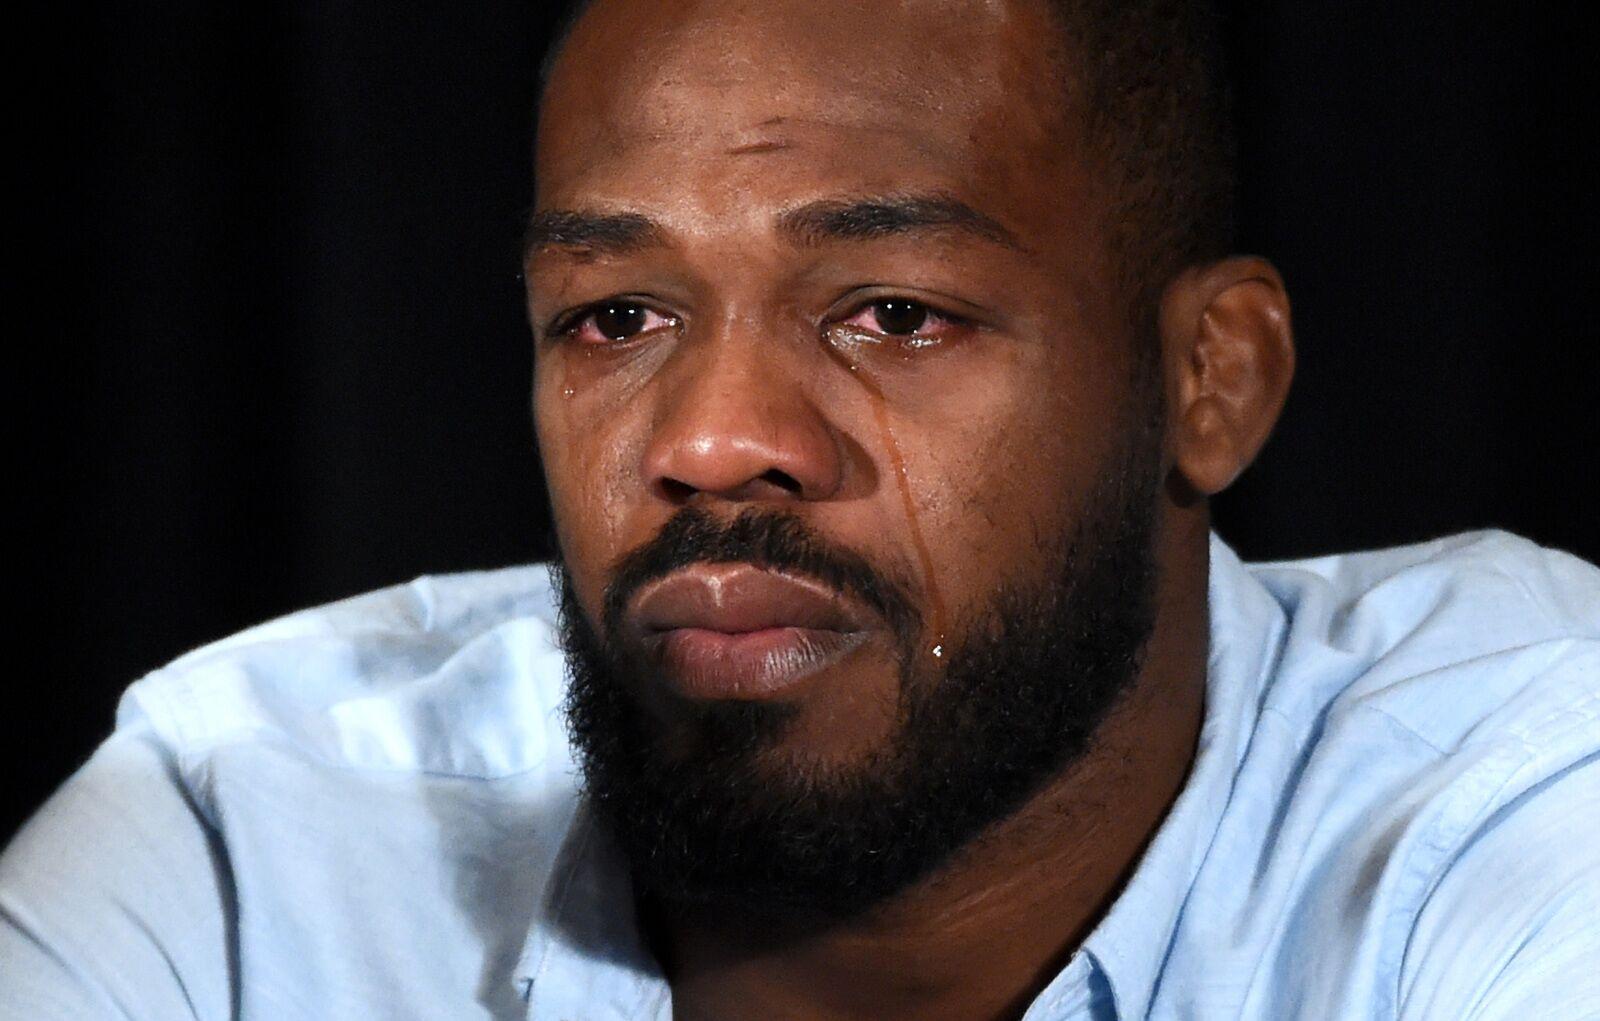 Syracuse Orange: The end is here for the UFC GOAT, Jon 'Bones' Jones